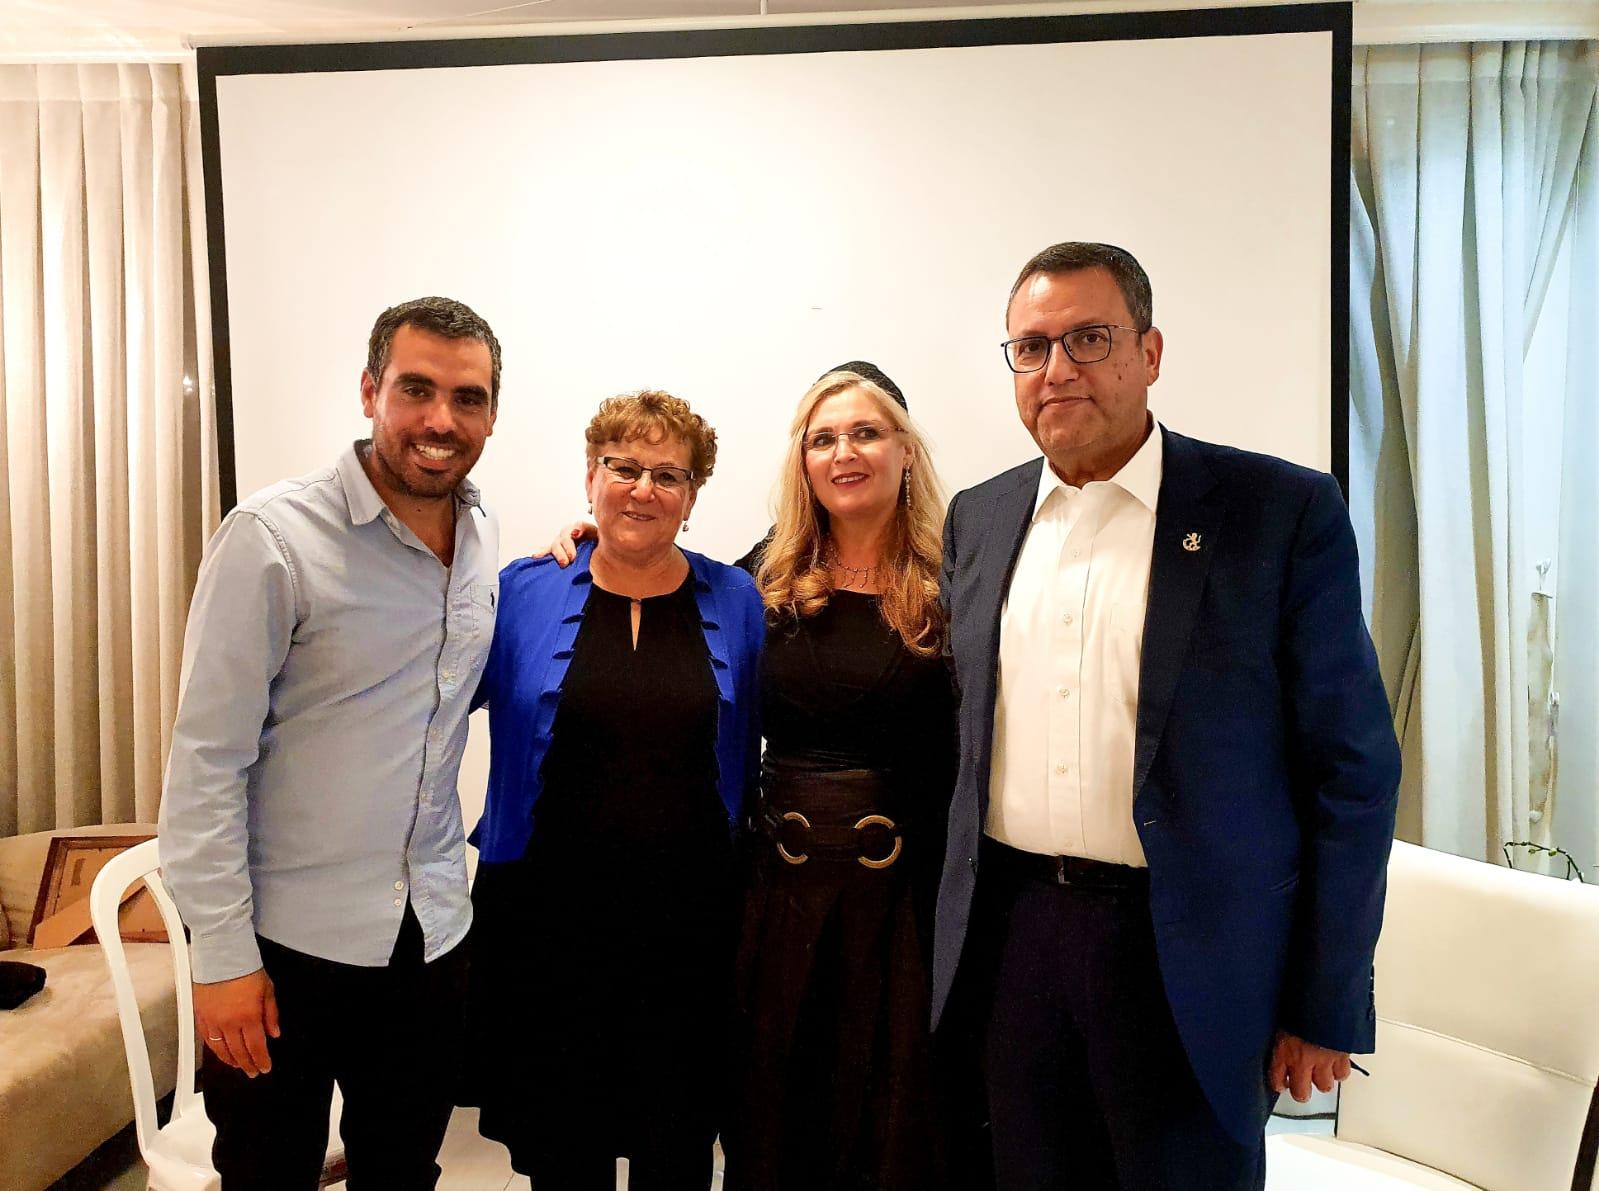 ראש העיר משה ליאון, סתוית ליאון, מרים פרץ, אליסף פרץ (צילום: דוברות העירייה)